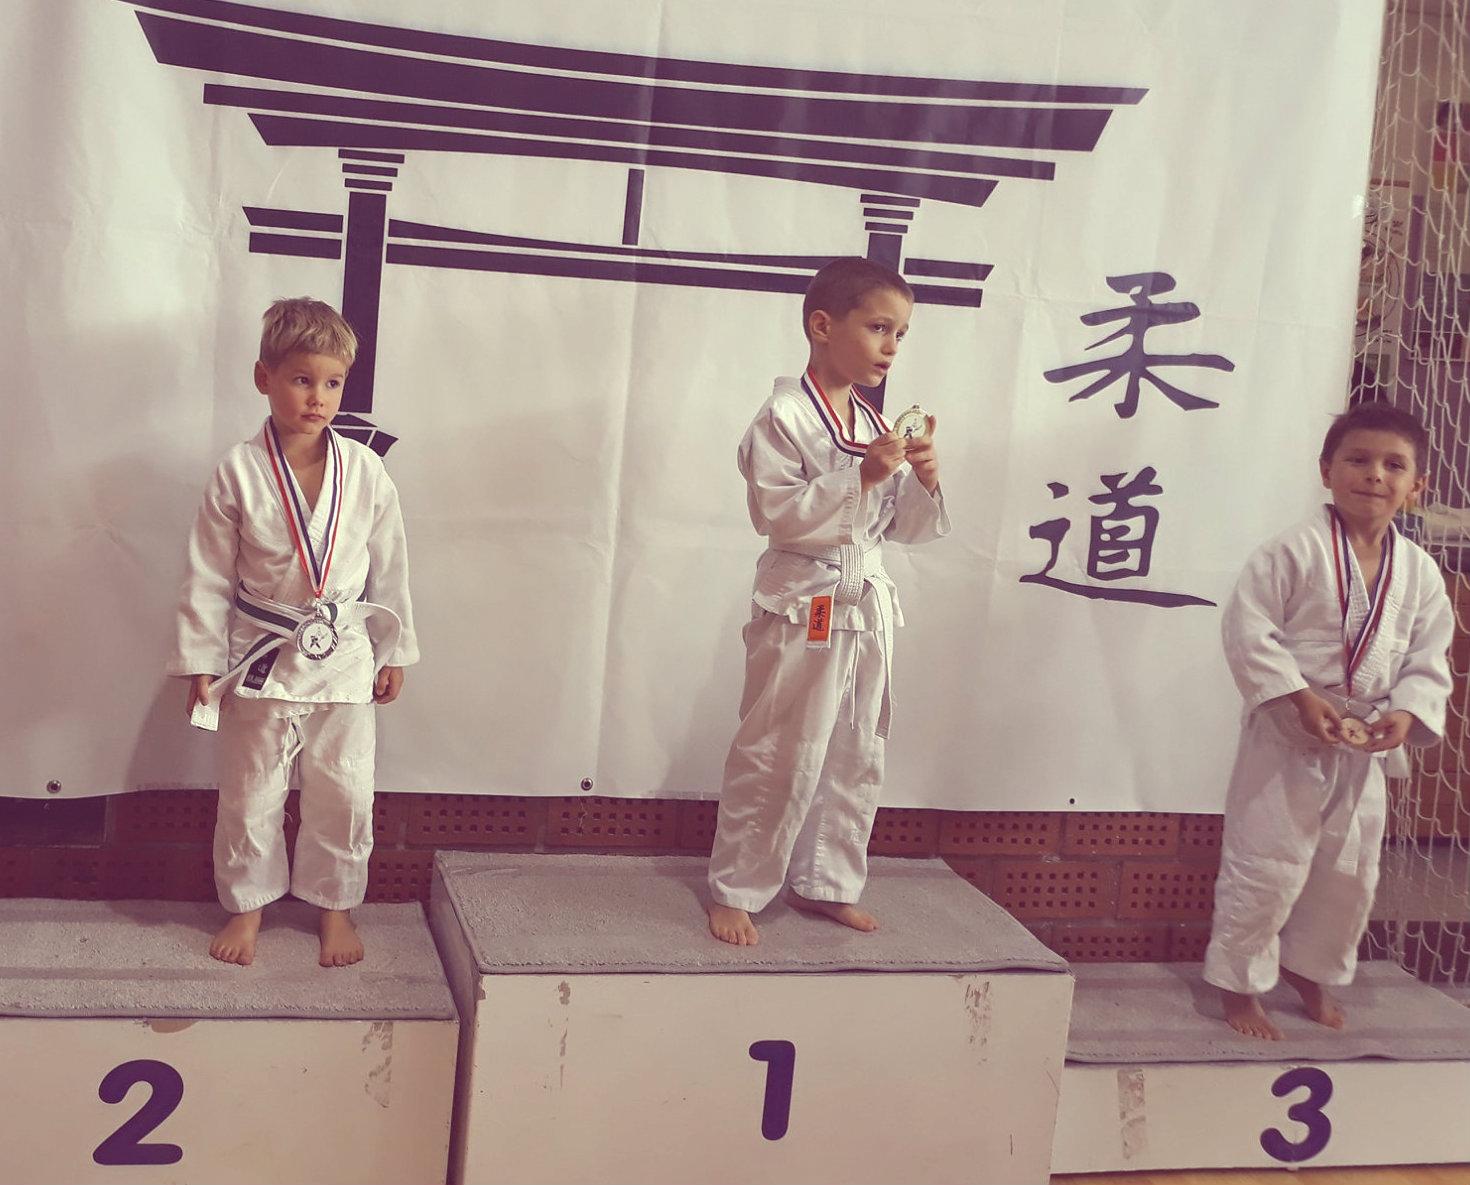 judoist judo kluba bela krajina, Gregor Matjašič osvoji 2. mesto